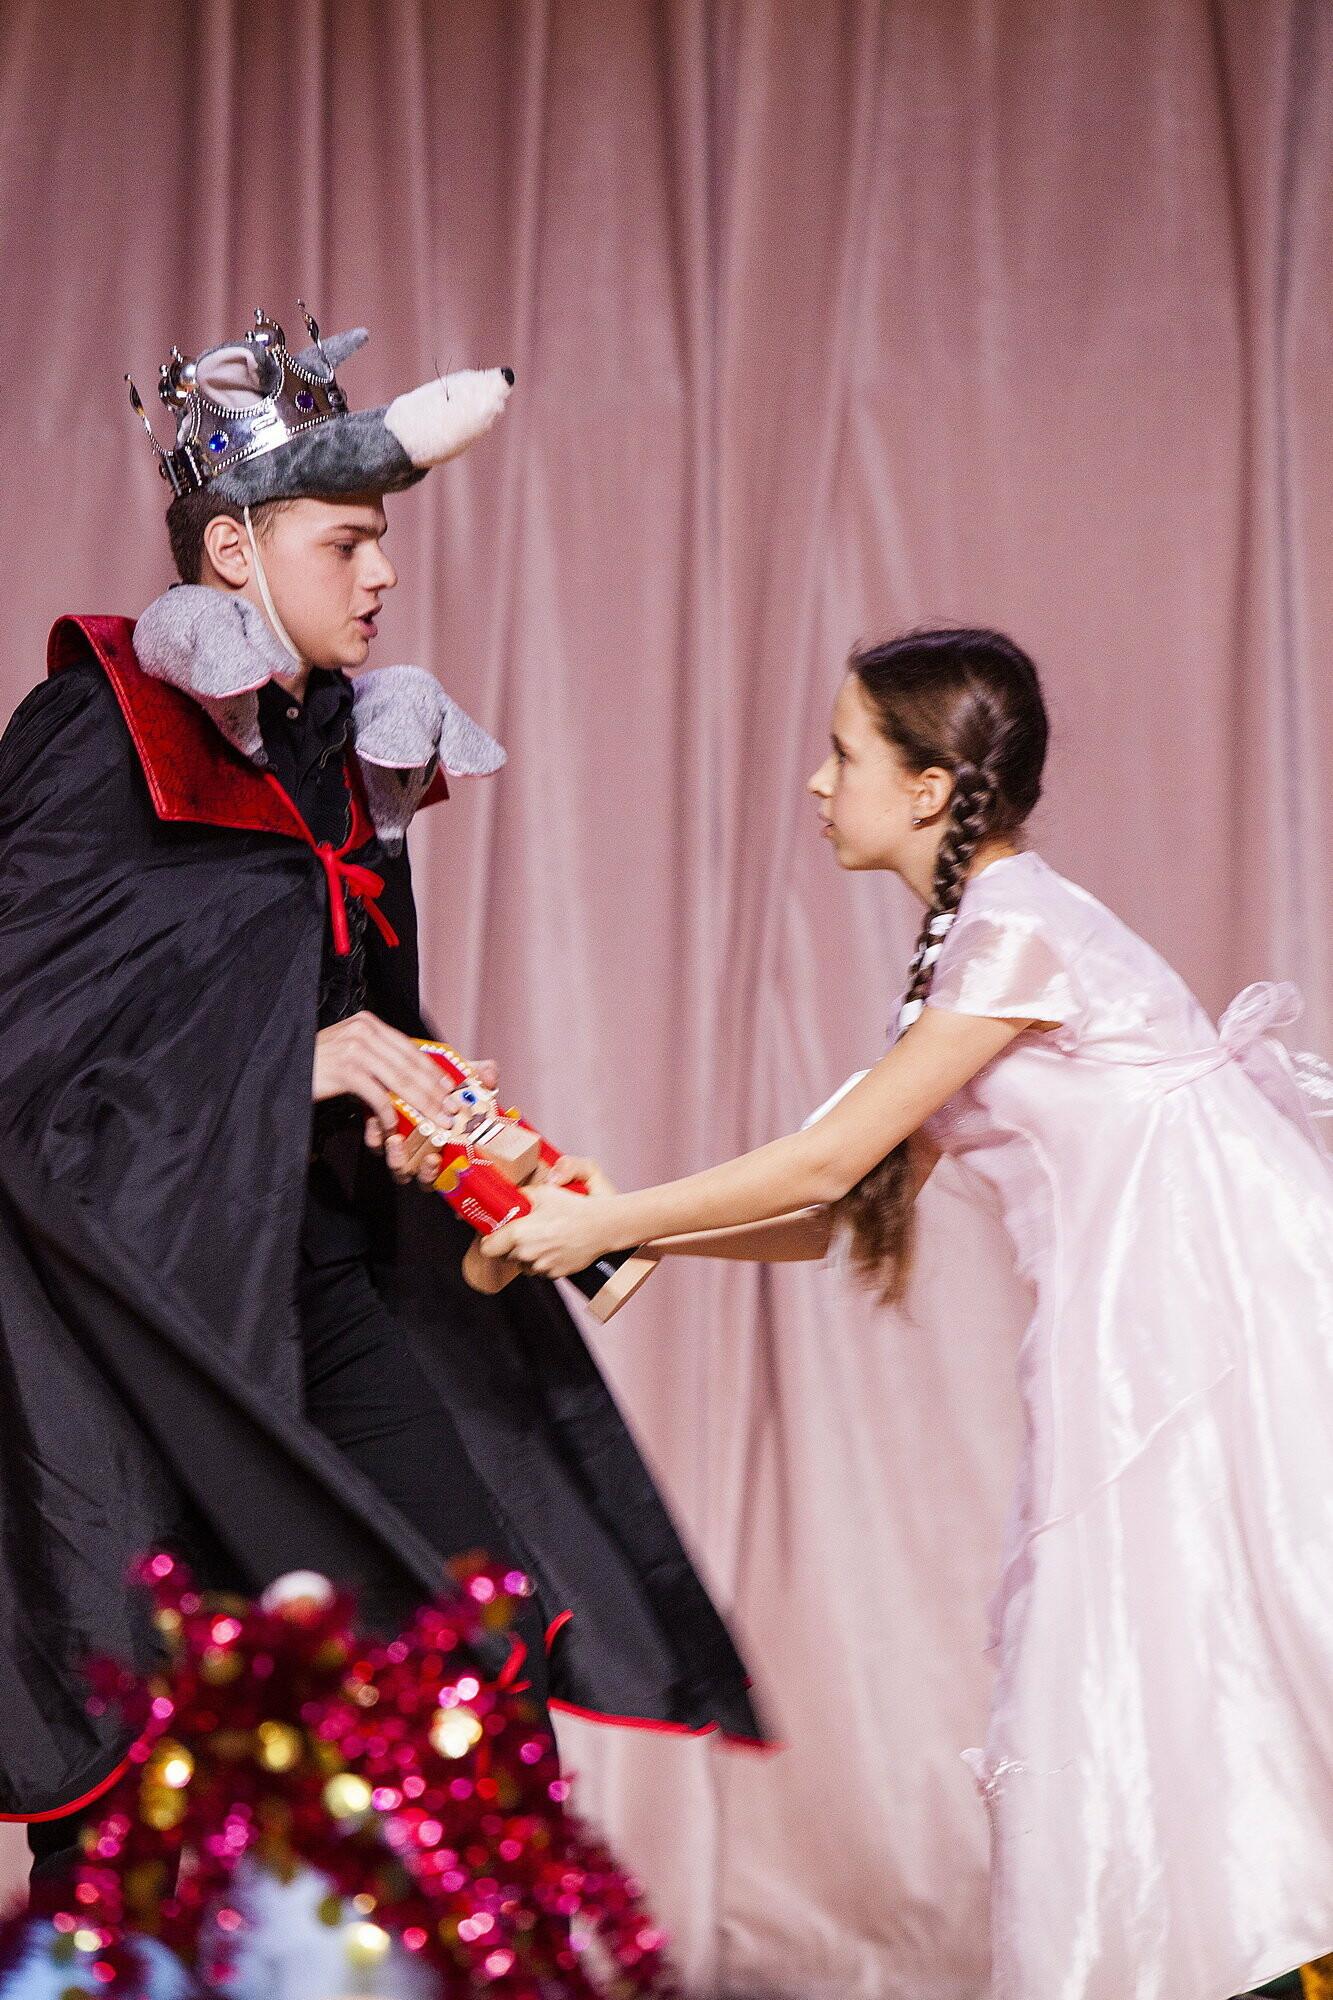 Настоящее волшебство: для учащихся Ялтинской школы №6 поставили сказку «Щелкунчик», фото-6